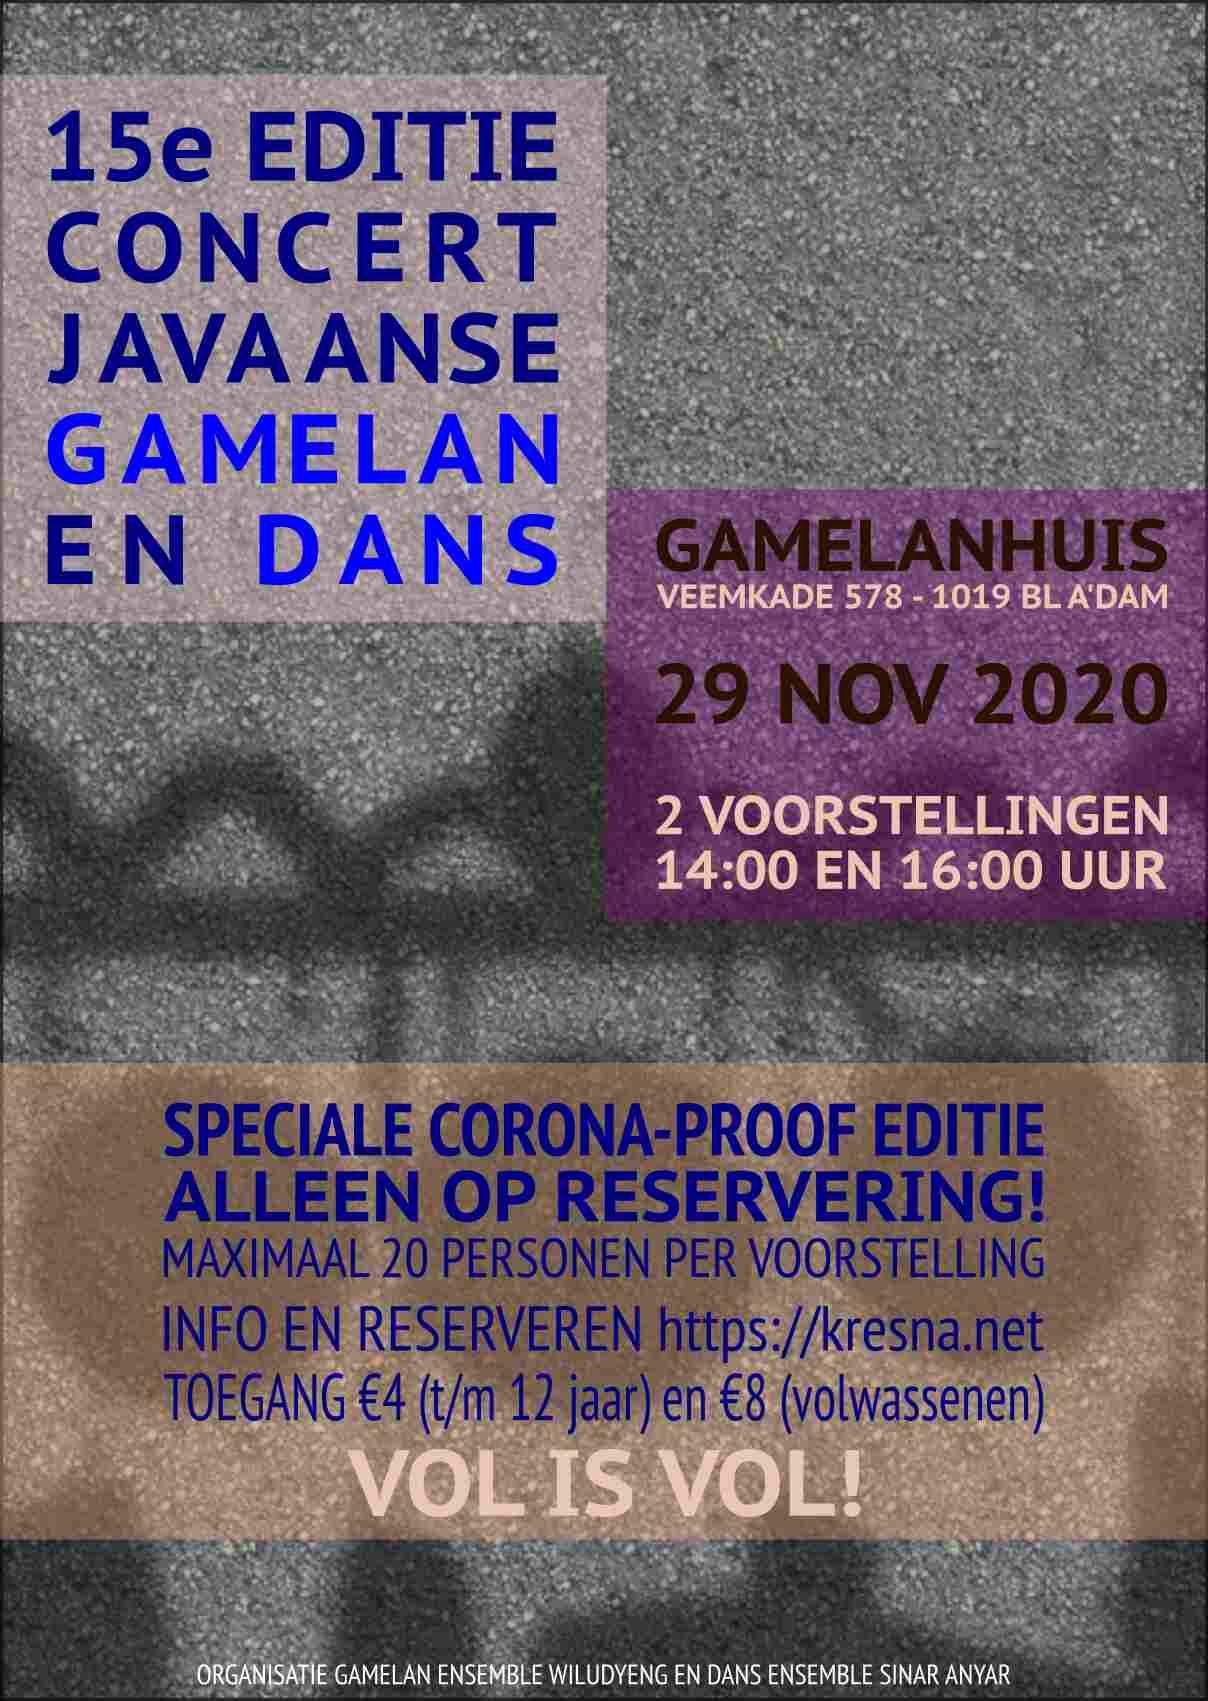 15e editie Concert Gamelan en Dans